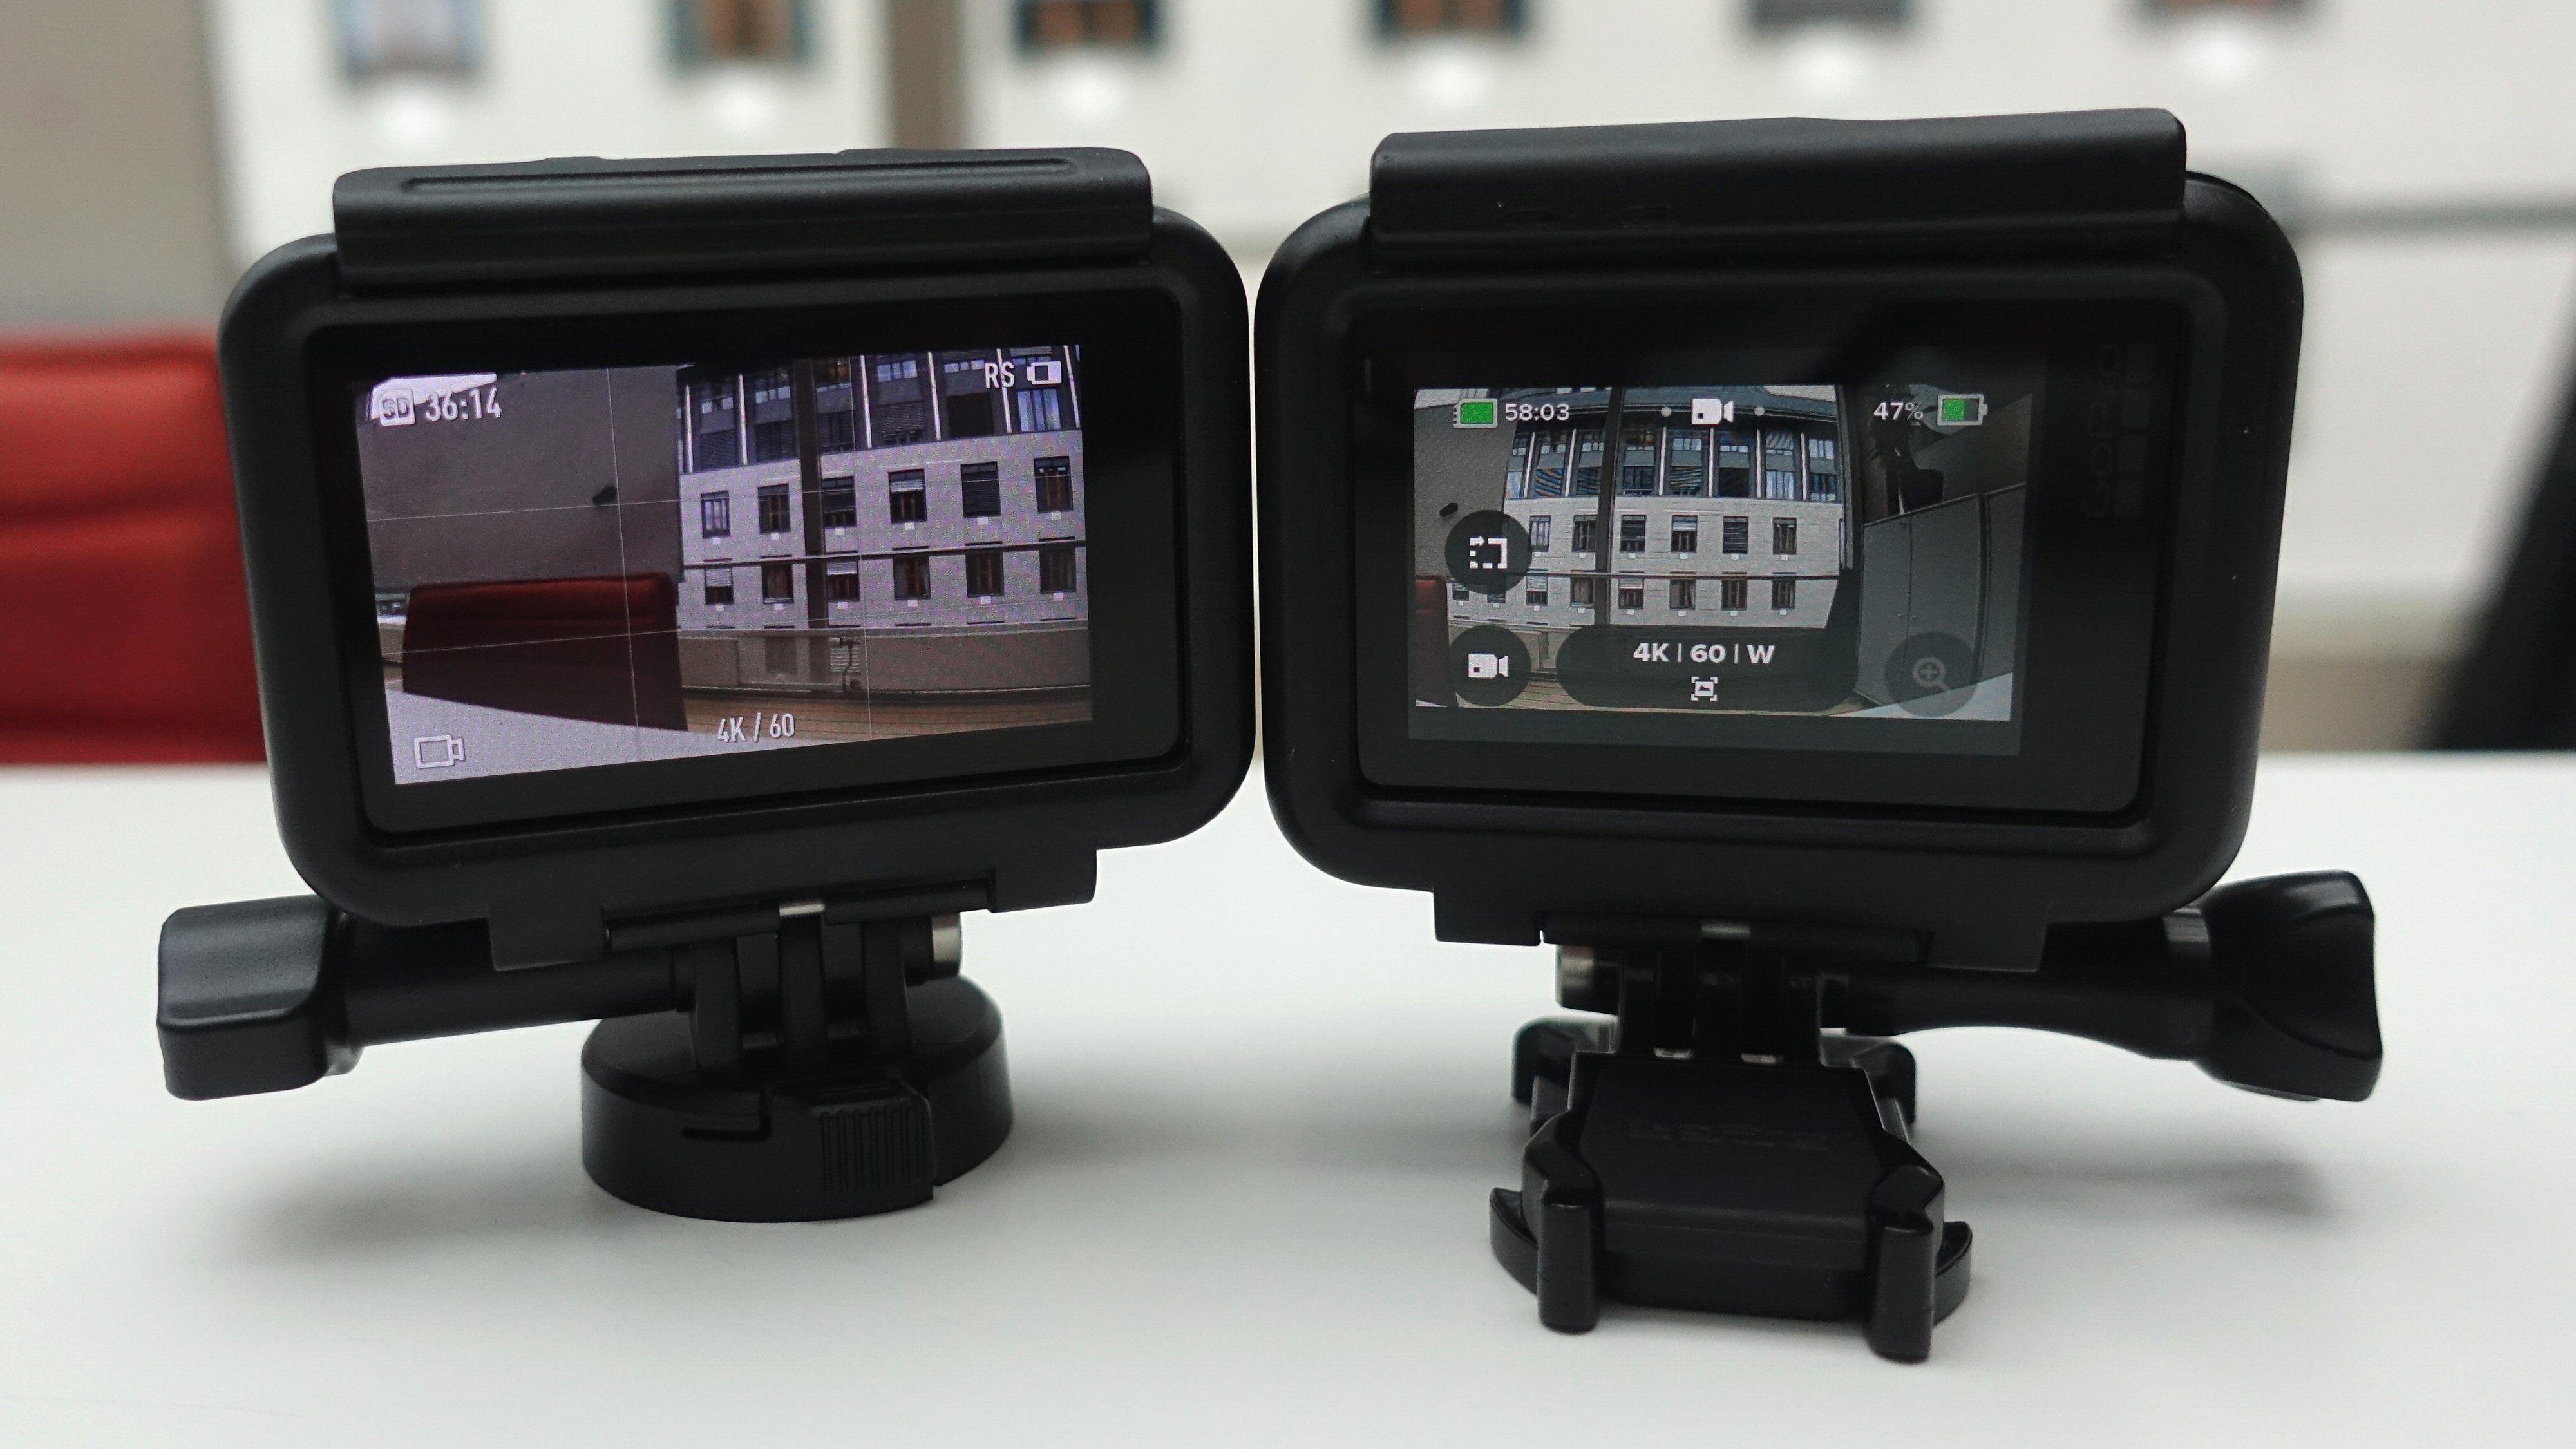 DJI Osmo Action til venstre har en litt større skjerm enn GoPro Hero7 Black til høyre. Her i sine respektive plast-/festerammer.